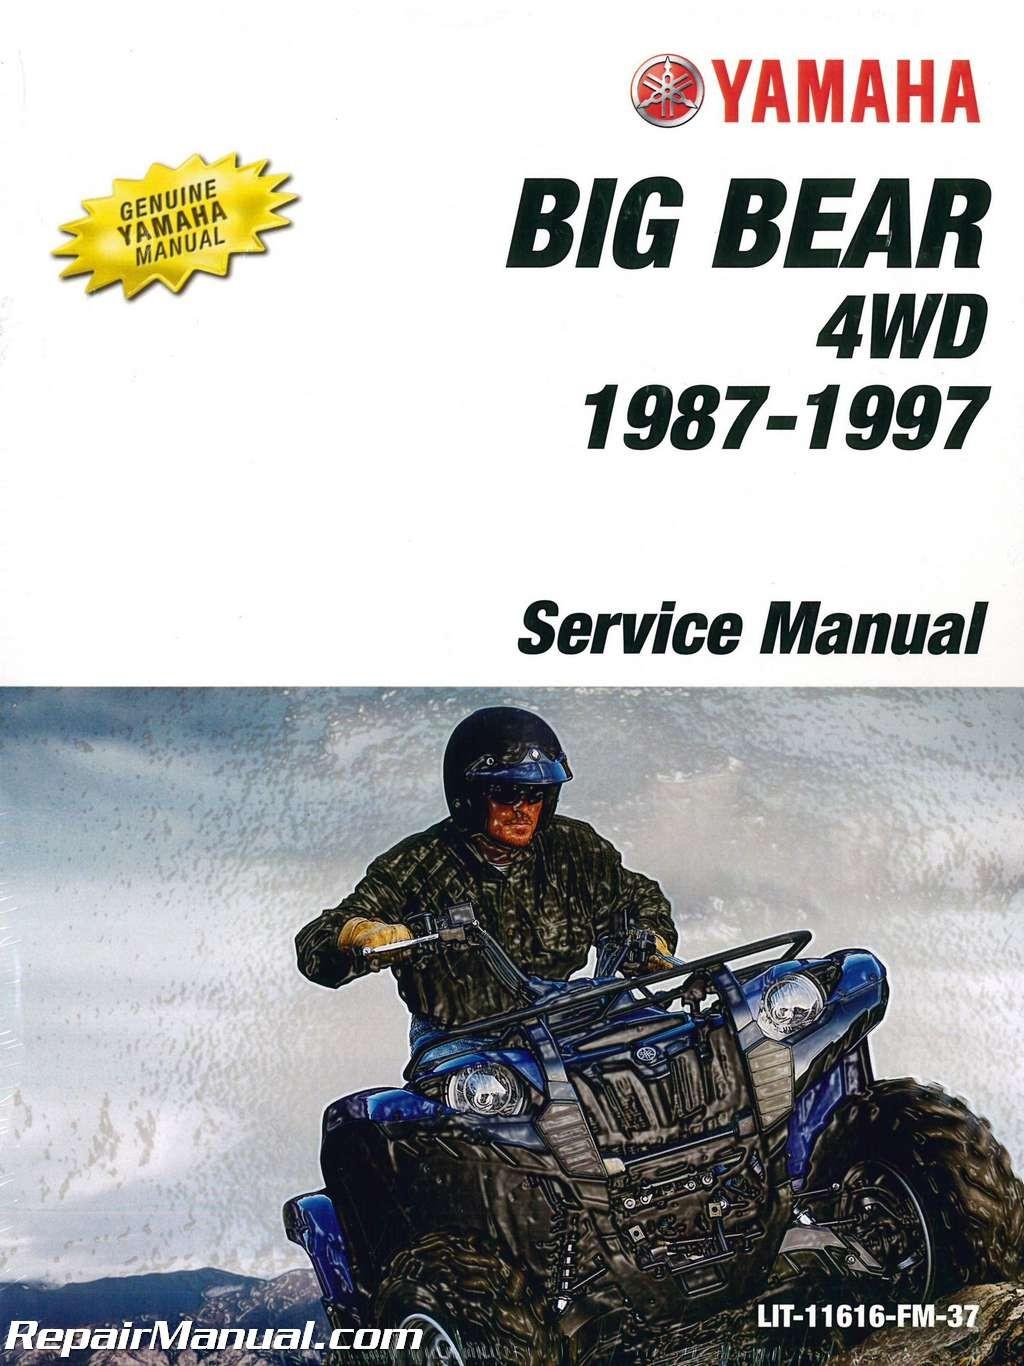 Yamaha 350 Big Bear Manual 1987 1997 Yamaha Yfm350fw Big Bear atv Service Manual